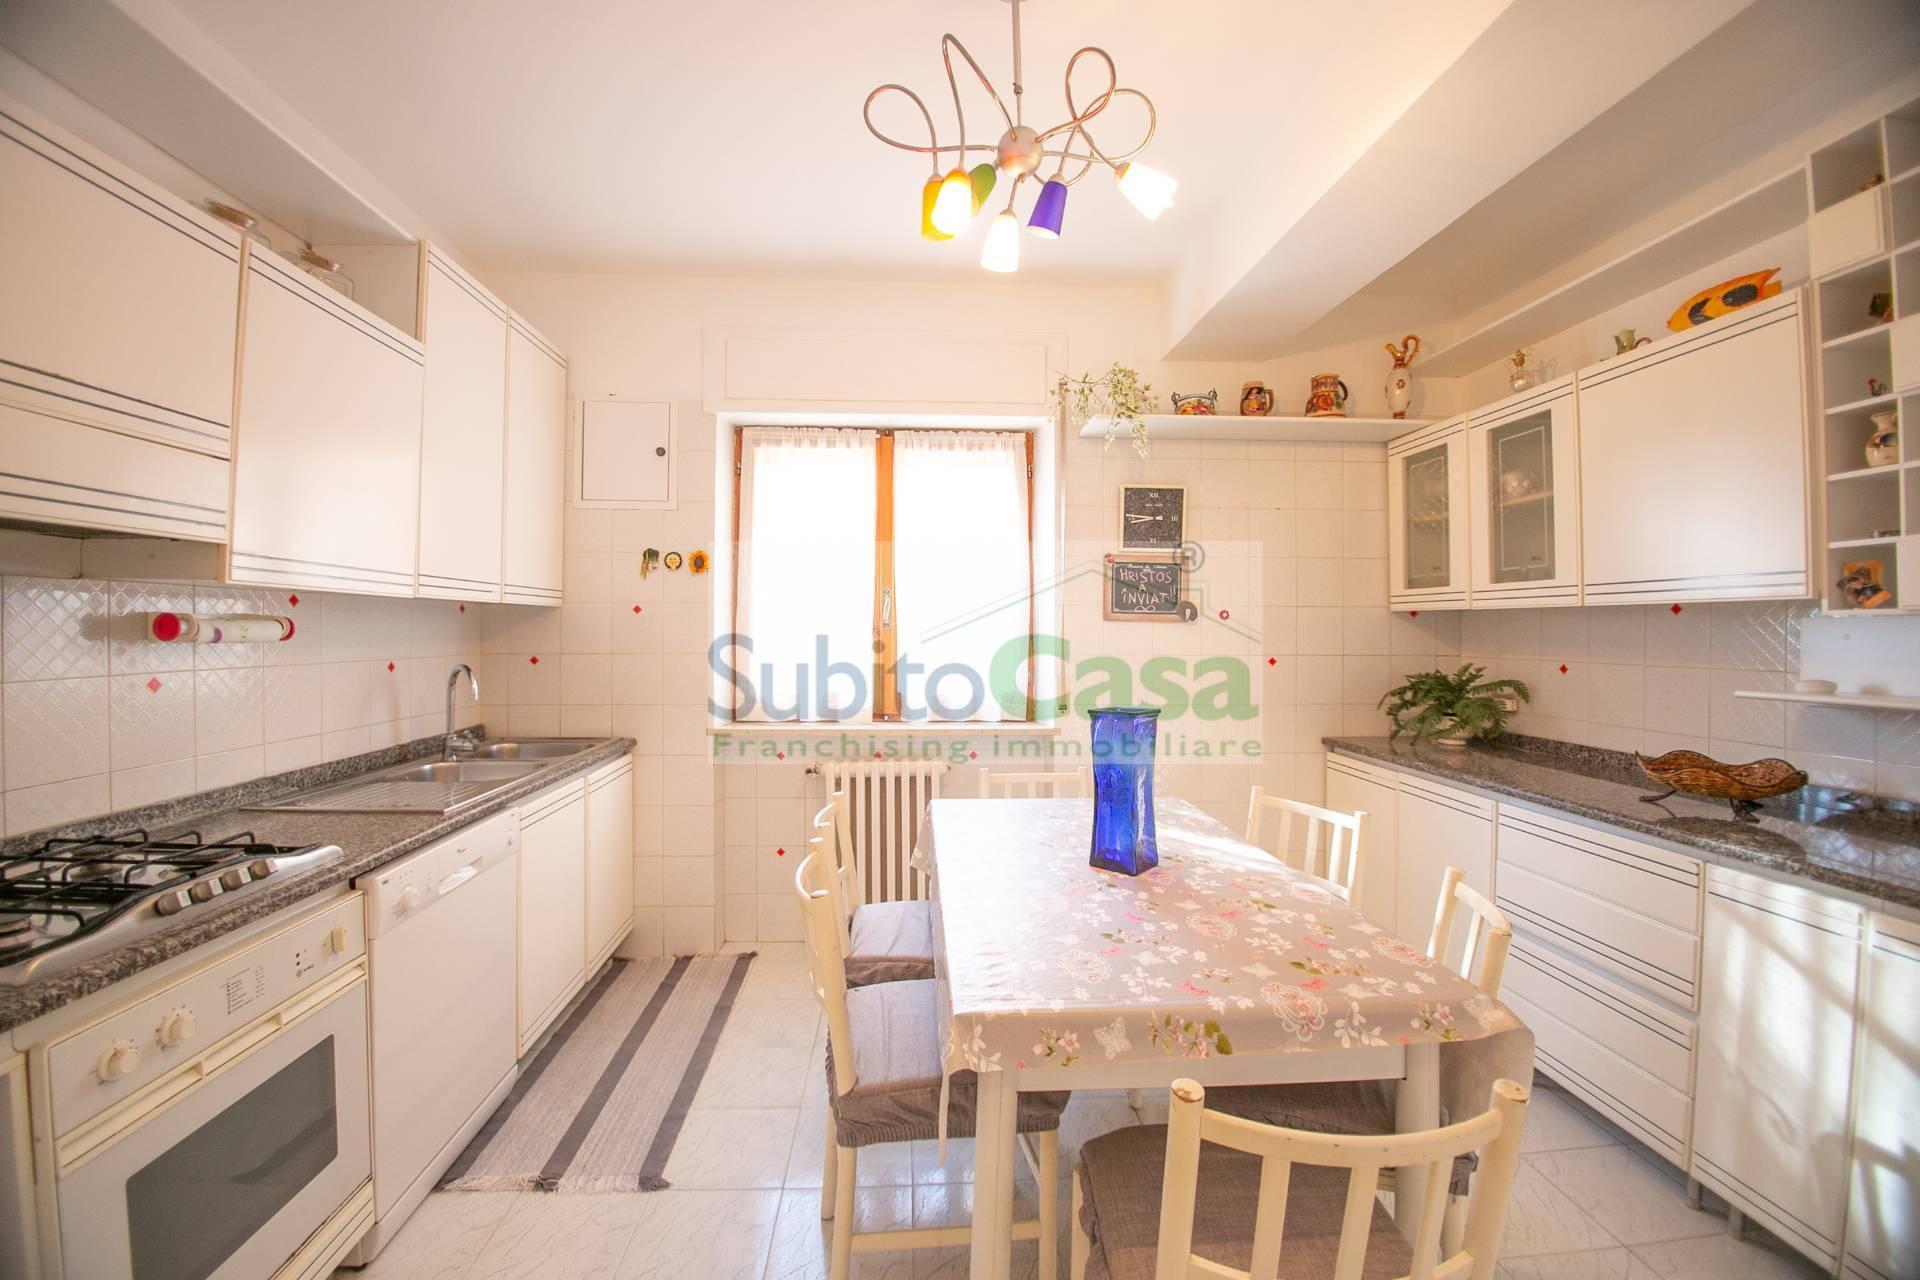 Appartamento in vendita a Chieti, 7 locali, zona Località: ChietiZonaS.Anna, prezzo € 90.000 | PortaleAgenzieImmobiliari.it